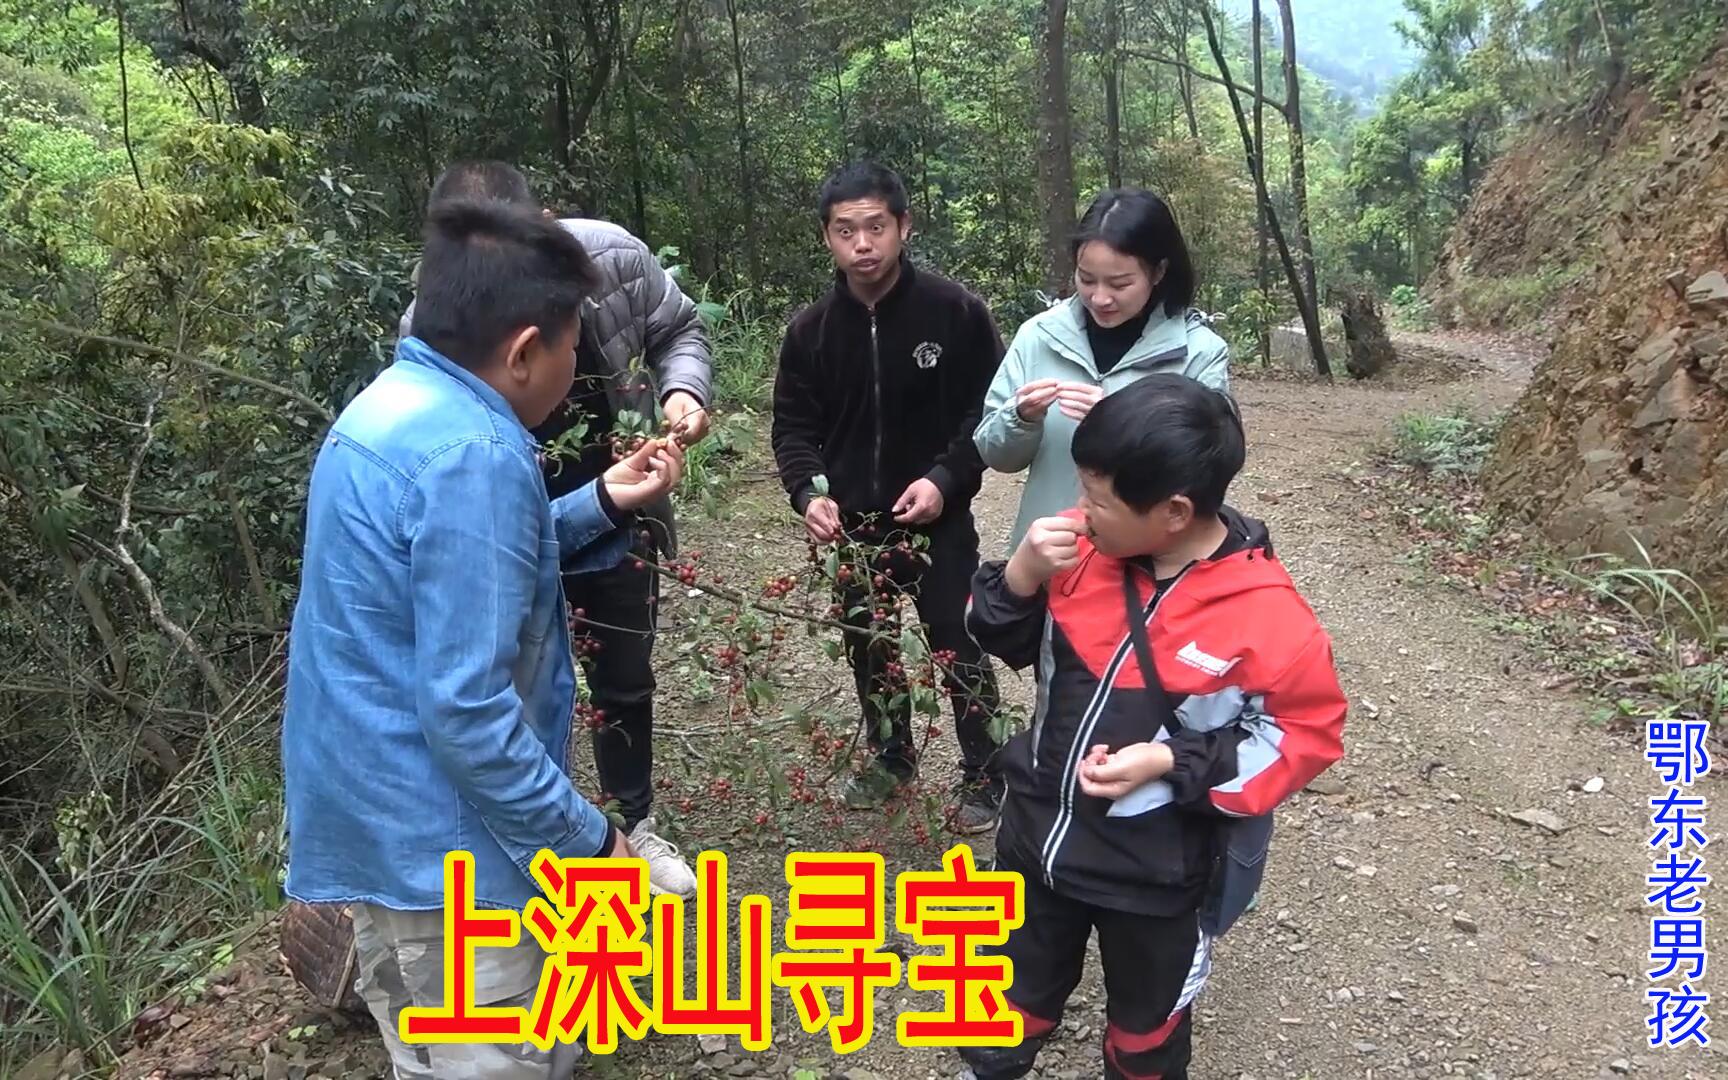 丫头哥带老男孩和小六去深山寻宝,爬到山顶一片山货,可惜都坏了